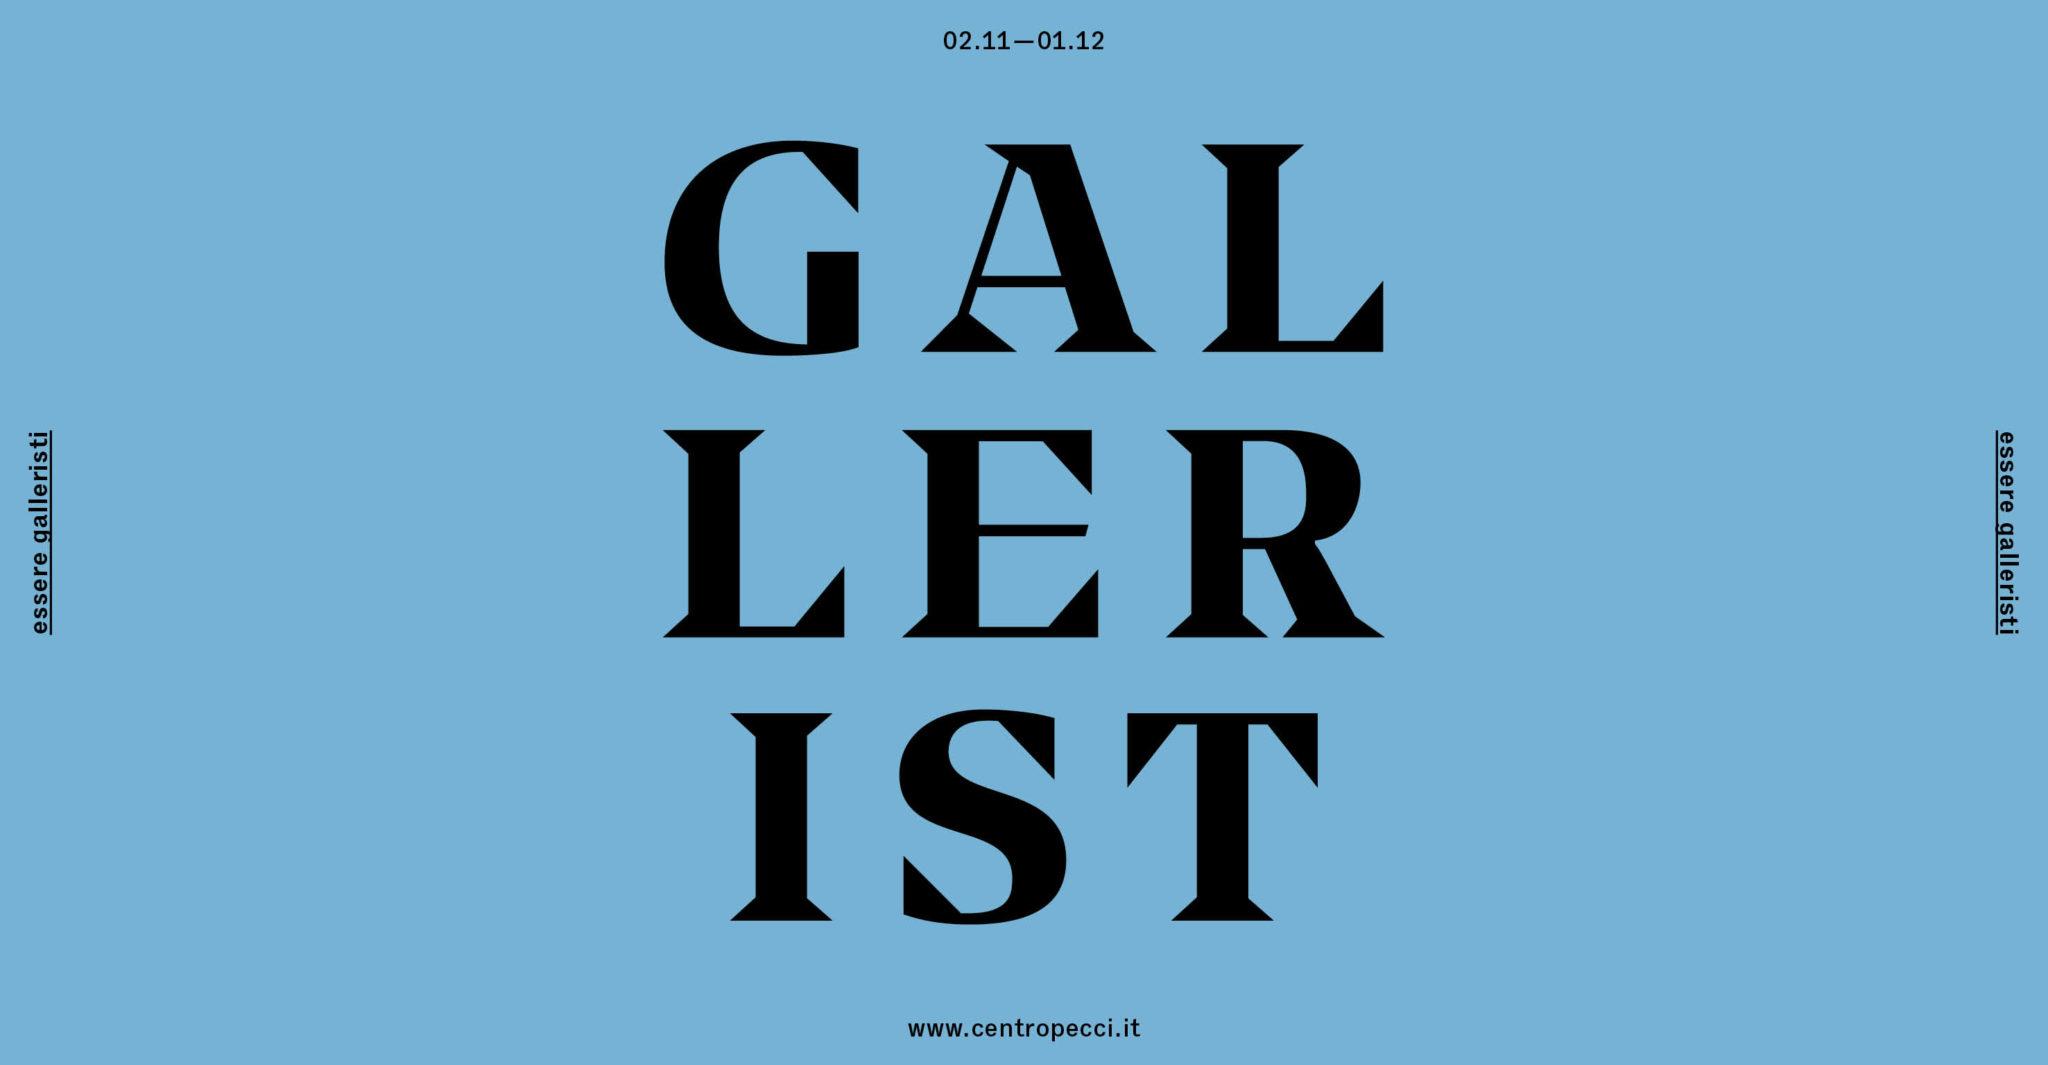 GALLERIST. Essere gallerista. Corso intensivo organizzato dal Centro Pecci di Prato